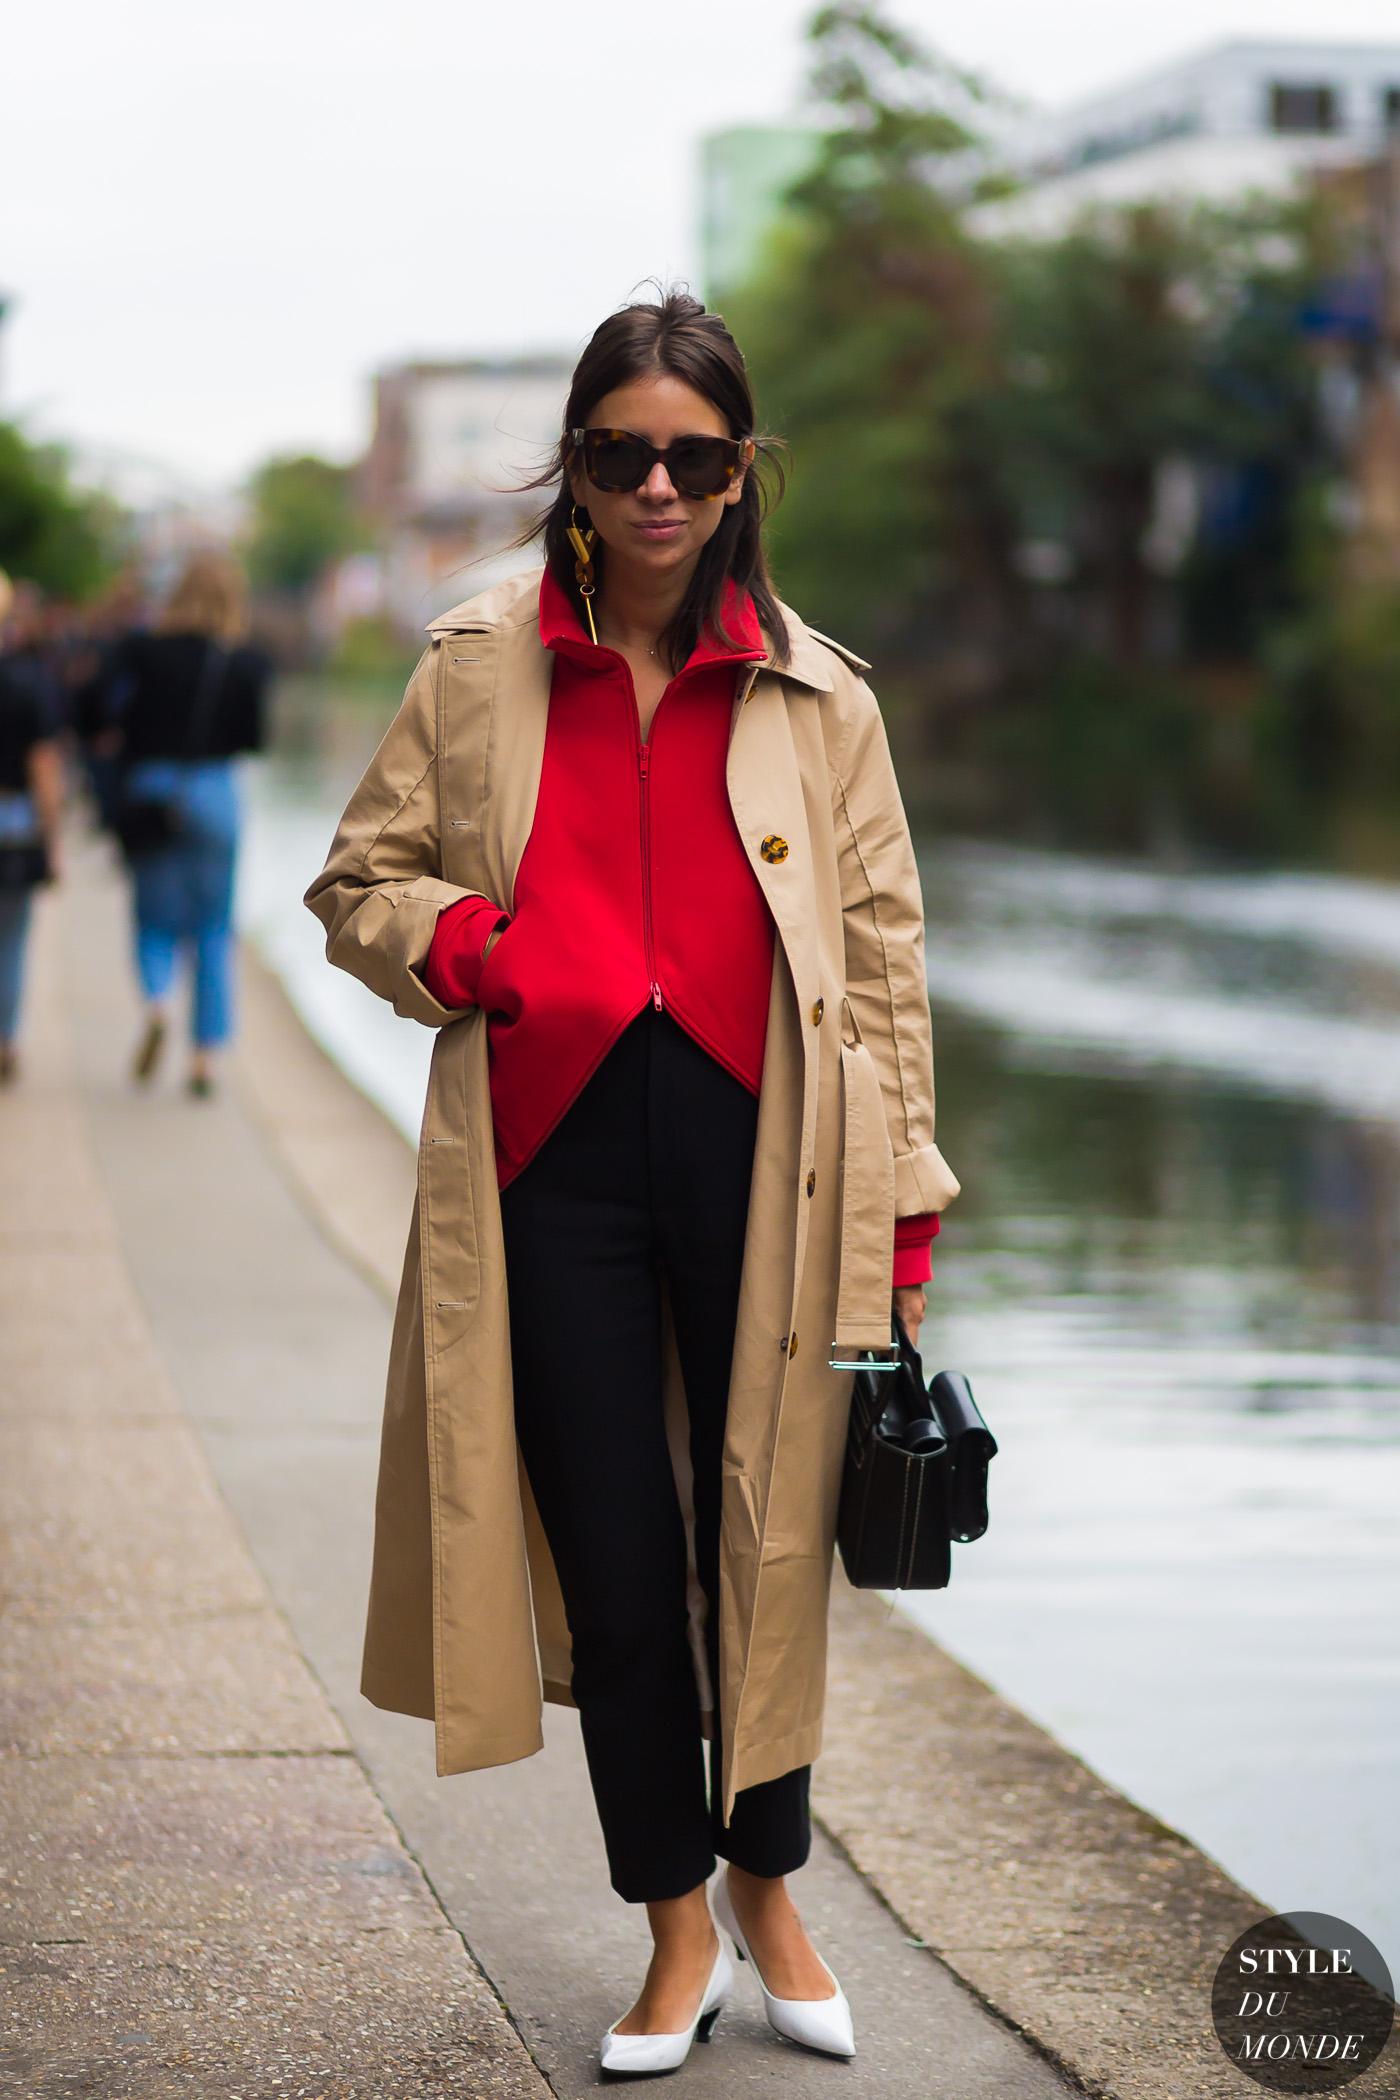 Natasha-Goldenberg-by-STYLEDUMONDE-Street-Style-Fashion-Photography0E2A8639